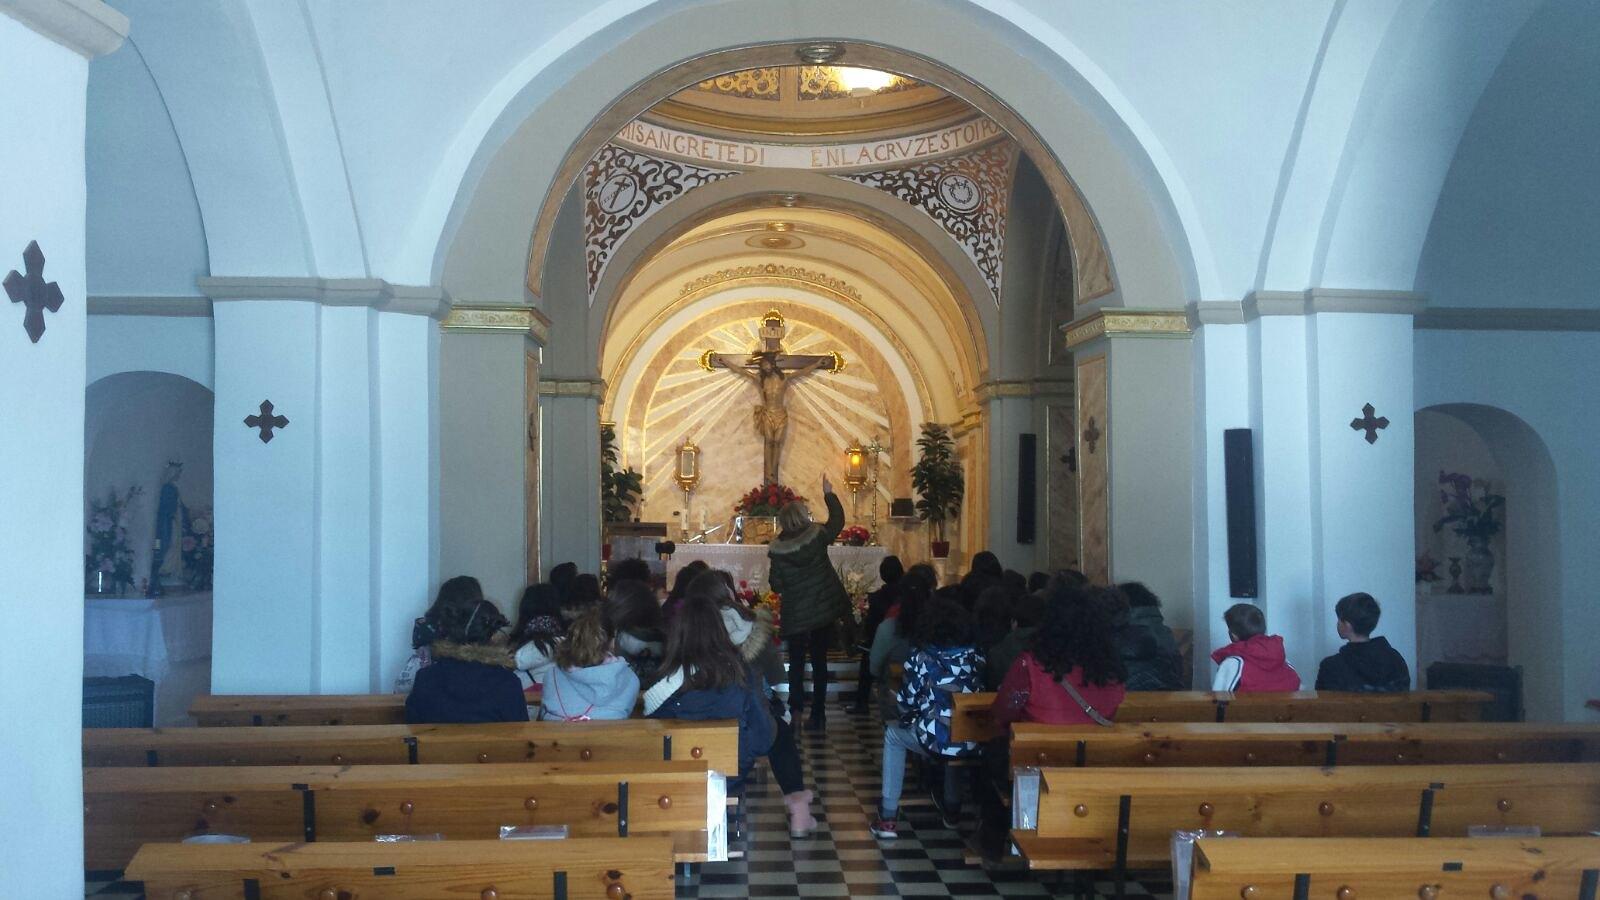 (2018-03-19) - Visita ermita alumnos Yolada-Pilar,6º, Virrey Poveda-9 de Octubre - Maria Isabel Berenquer Brotons - (13)